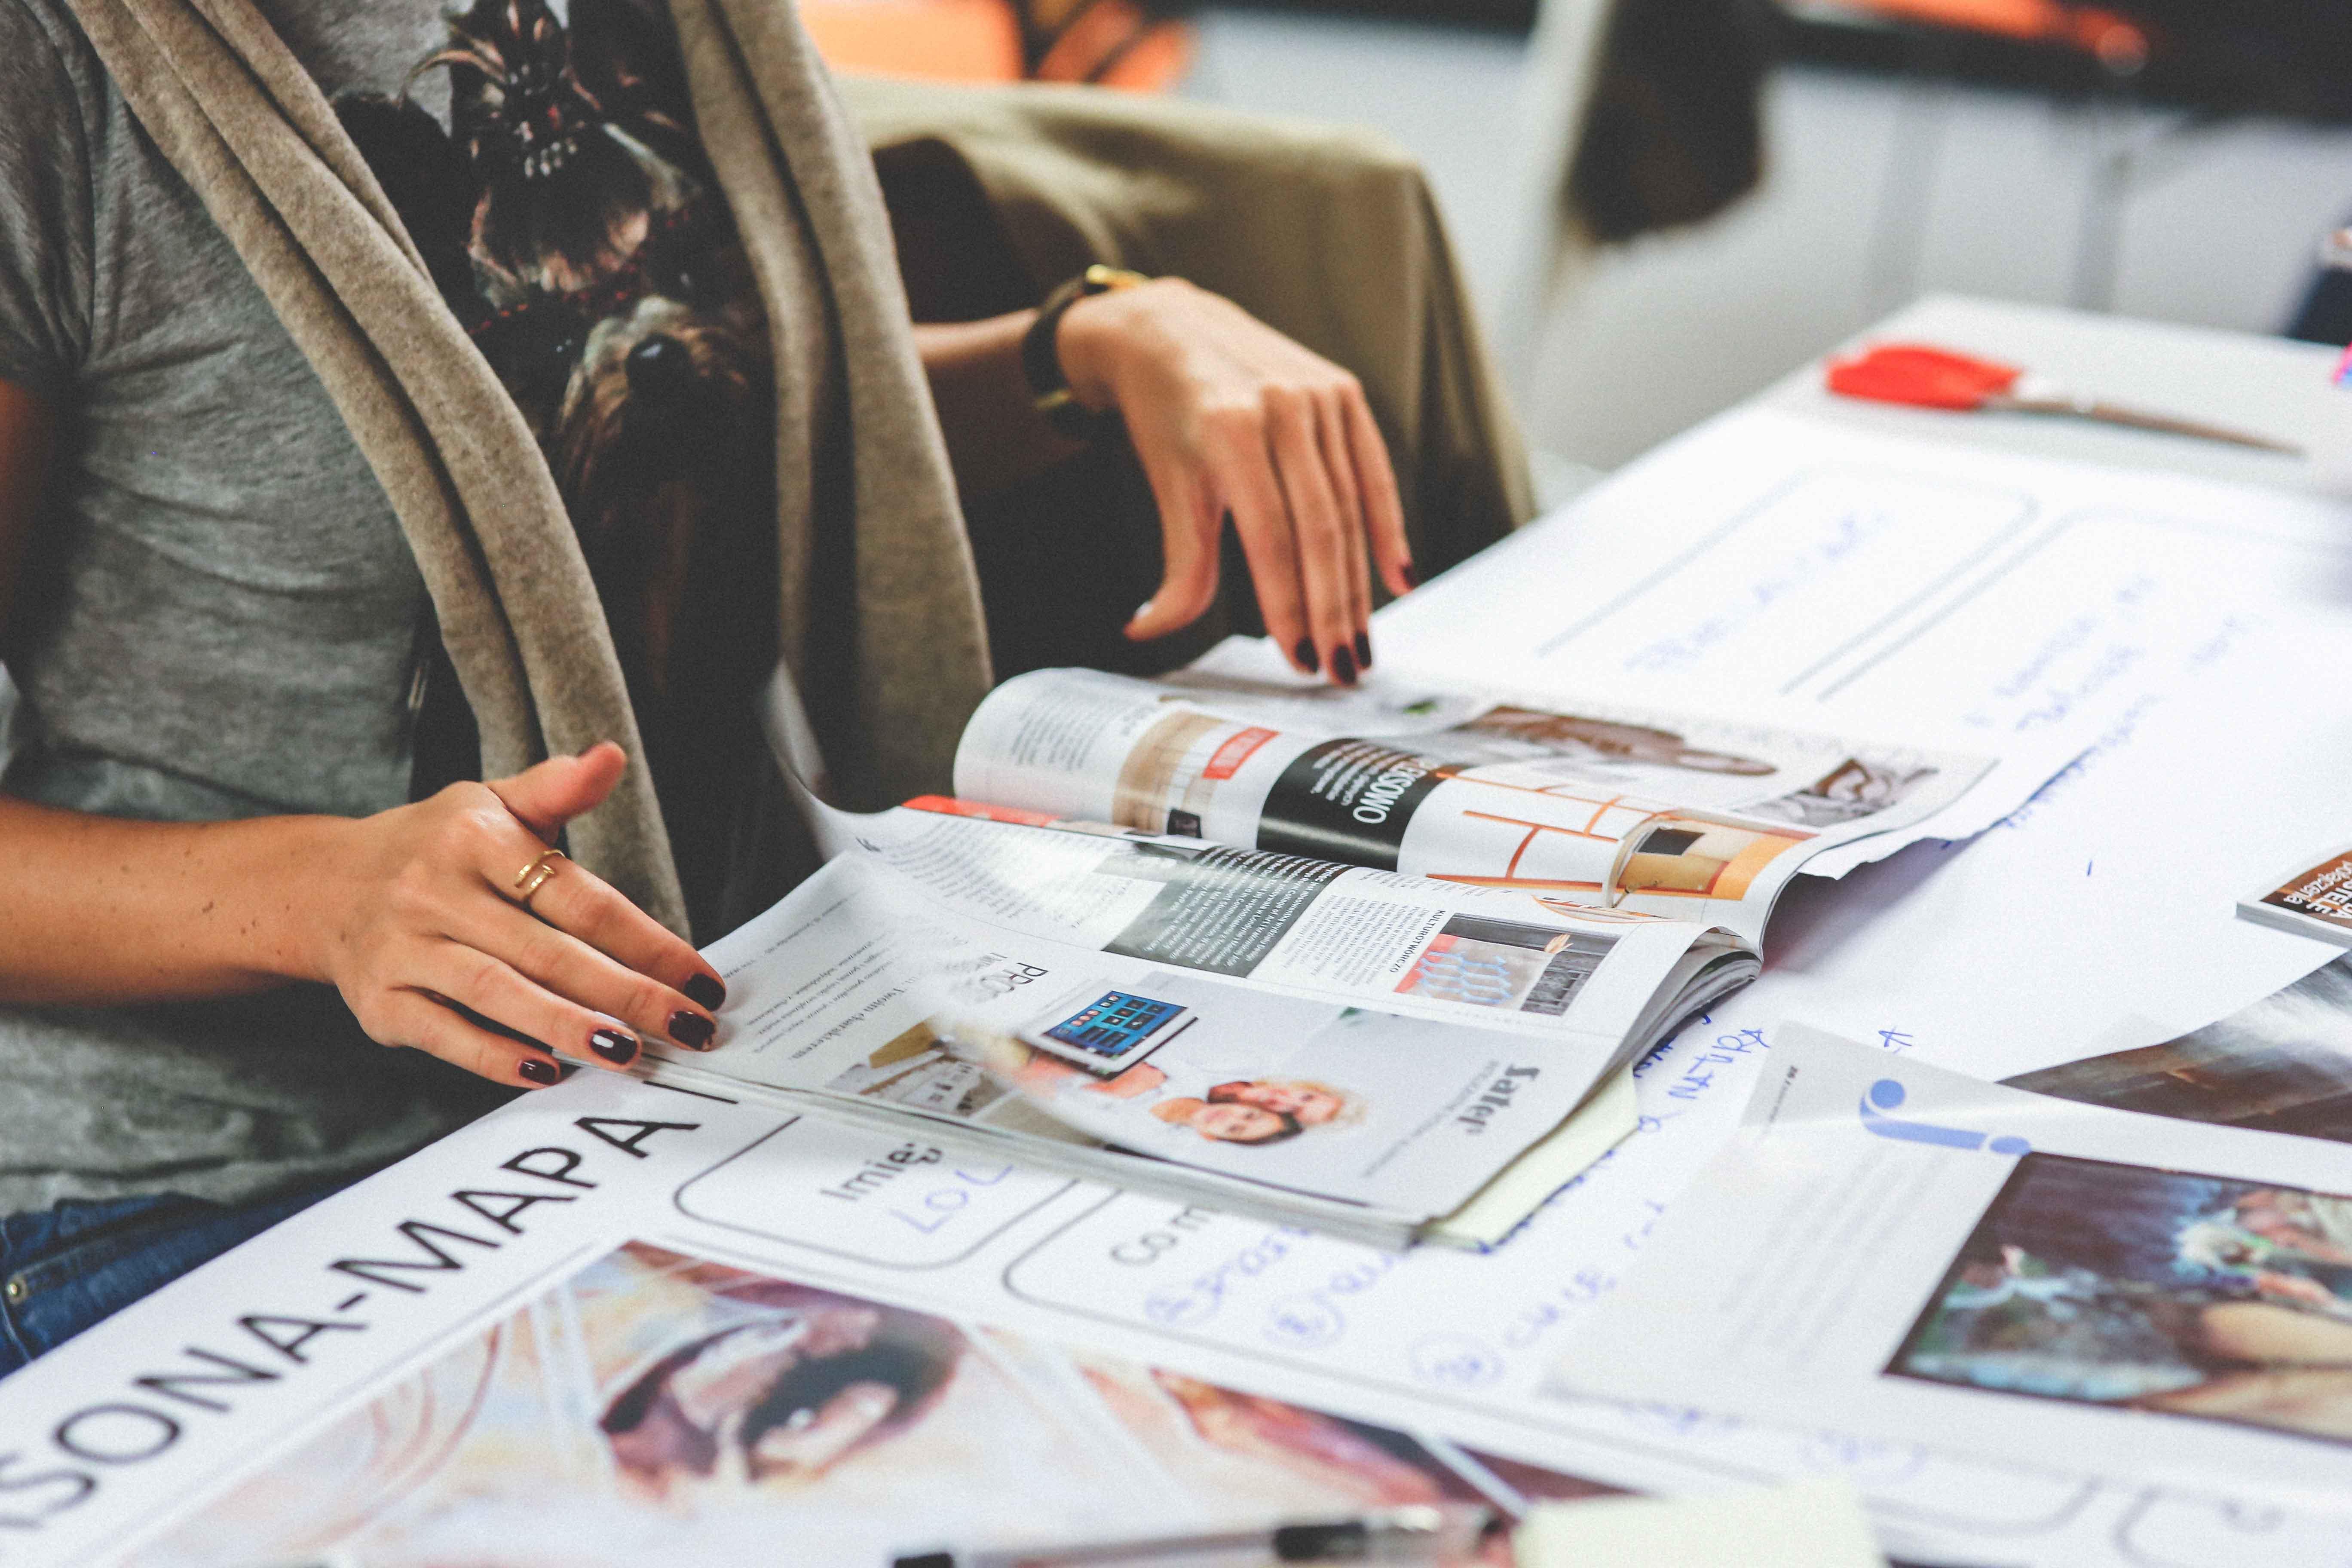 Chica revisando revista